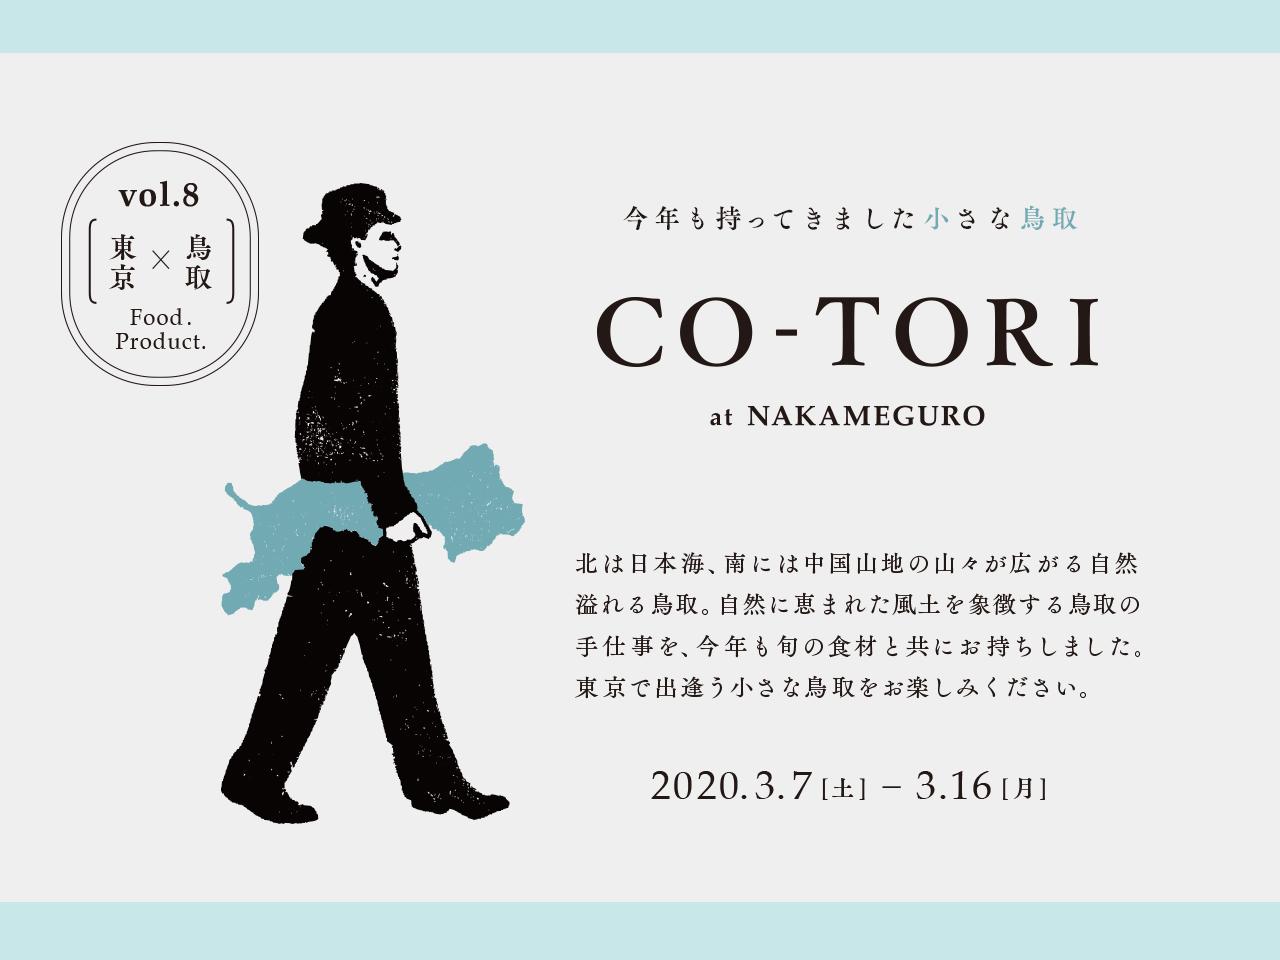 co-tori_press_2020